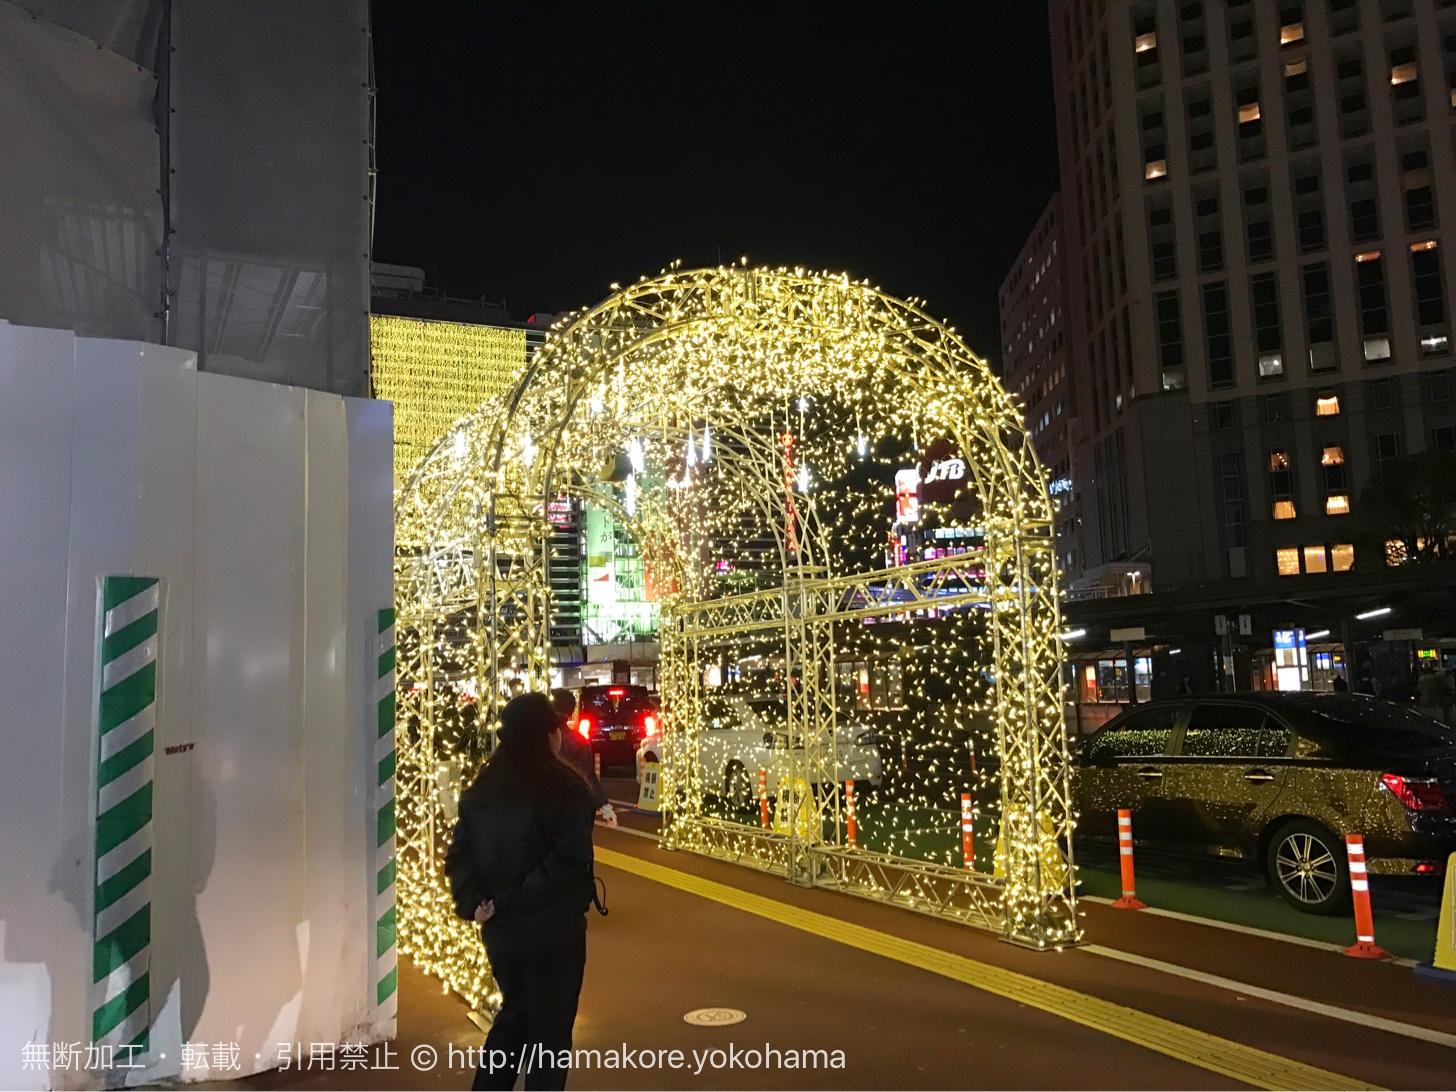 横浜駅西口 イルミネーショントンネル